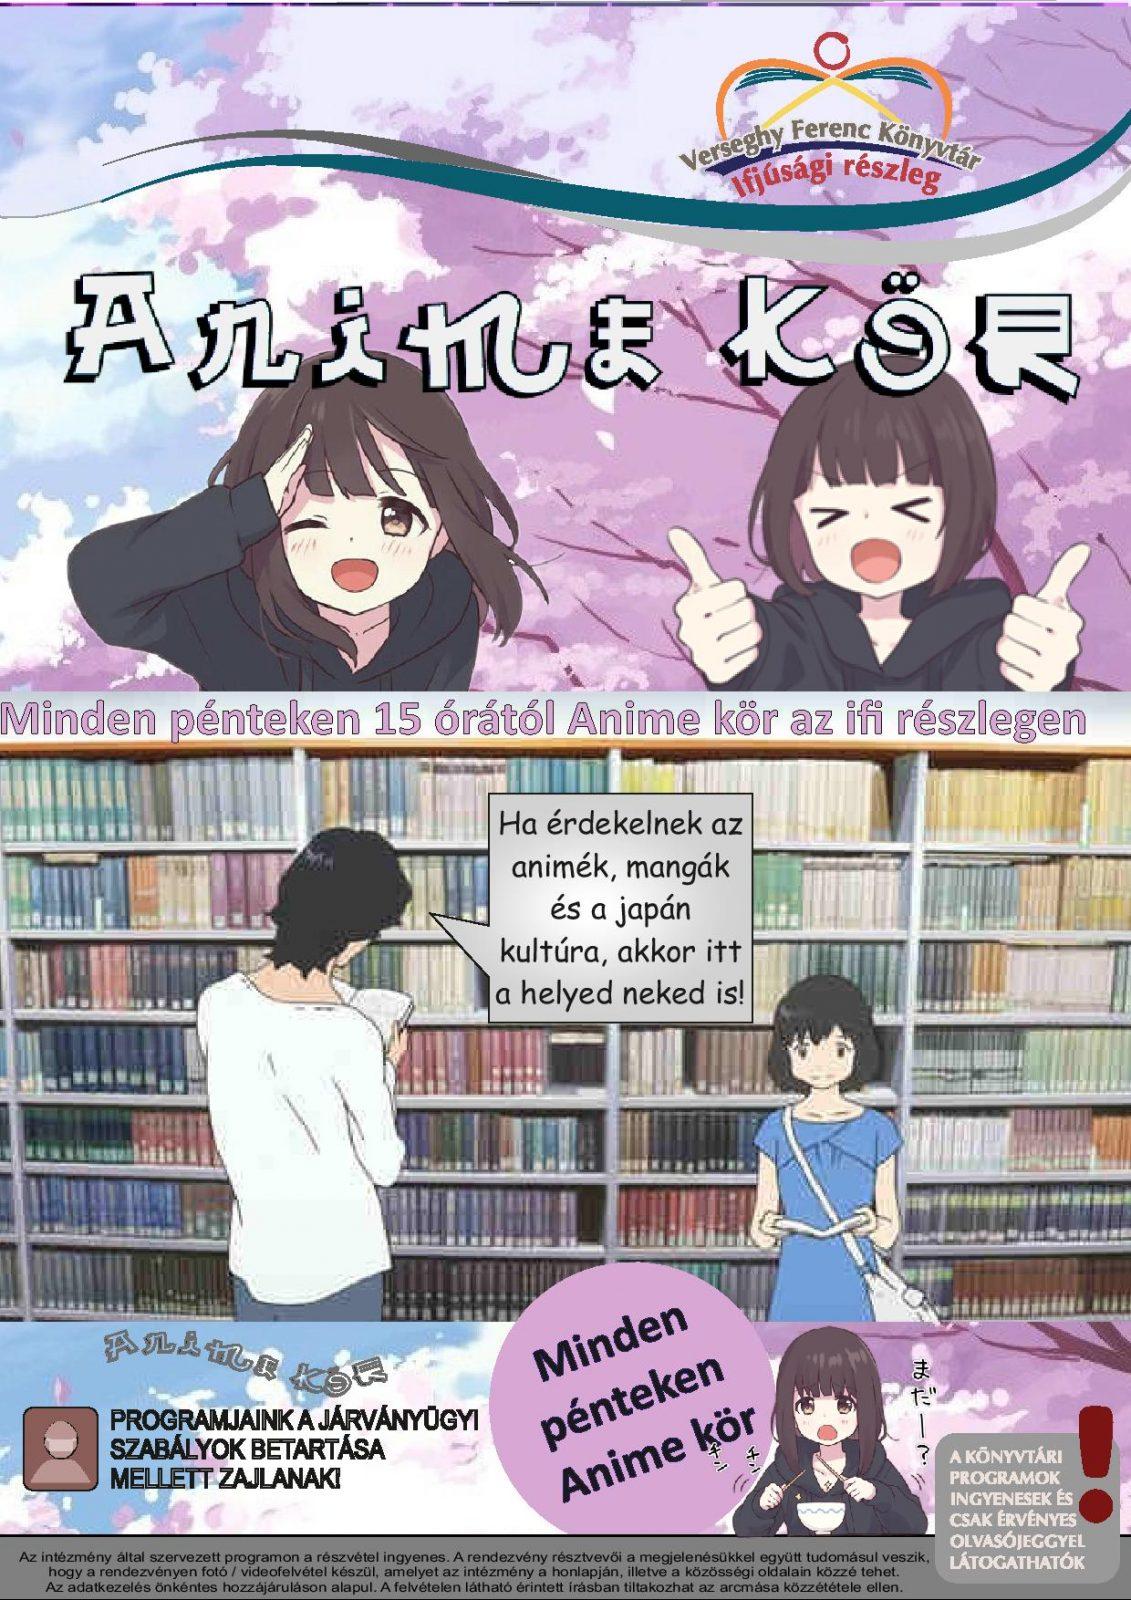 anime kör